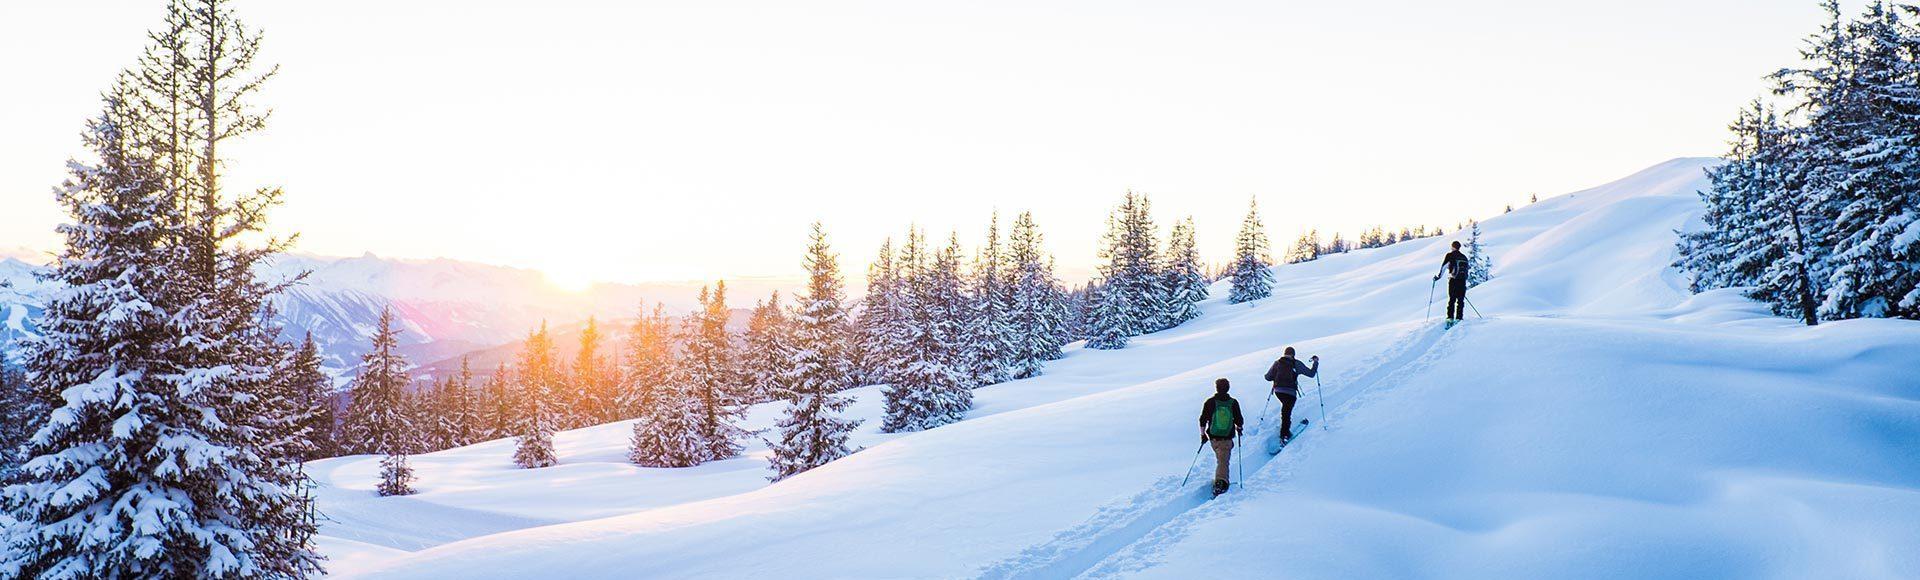 Winterwandern Tourismusverband Radstadt Lorenz Masser 1